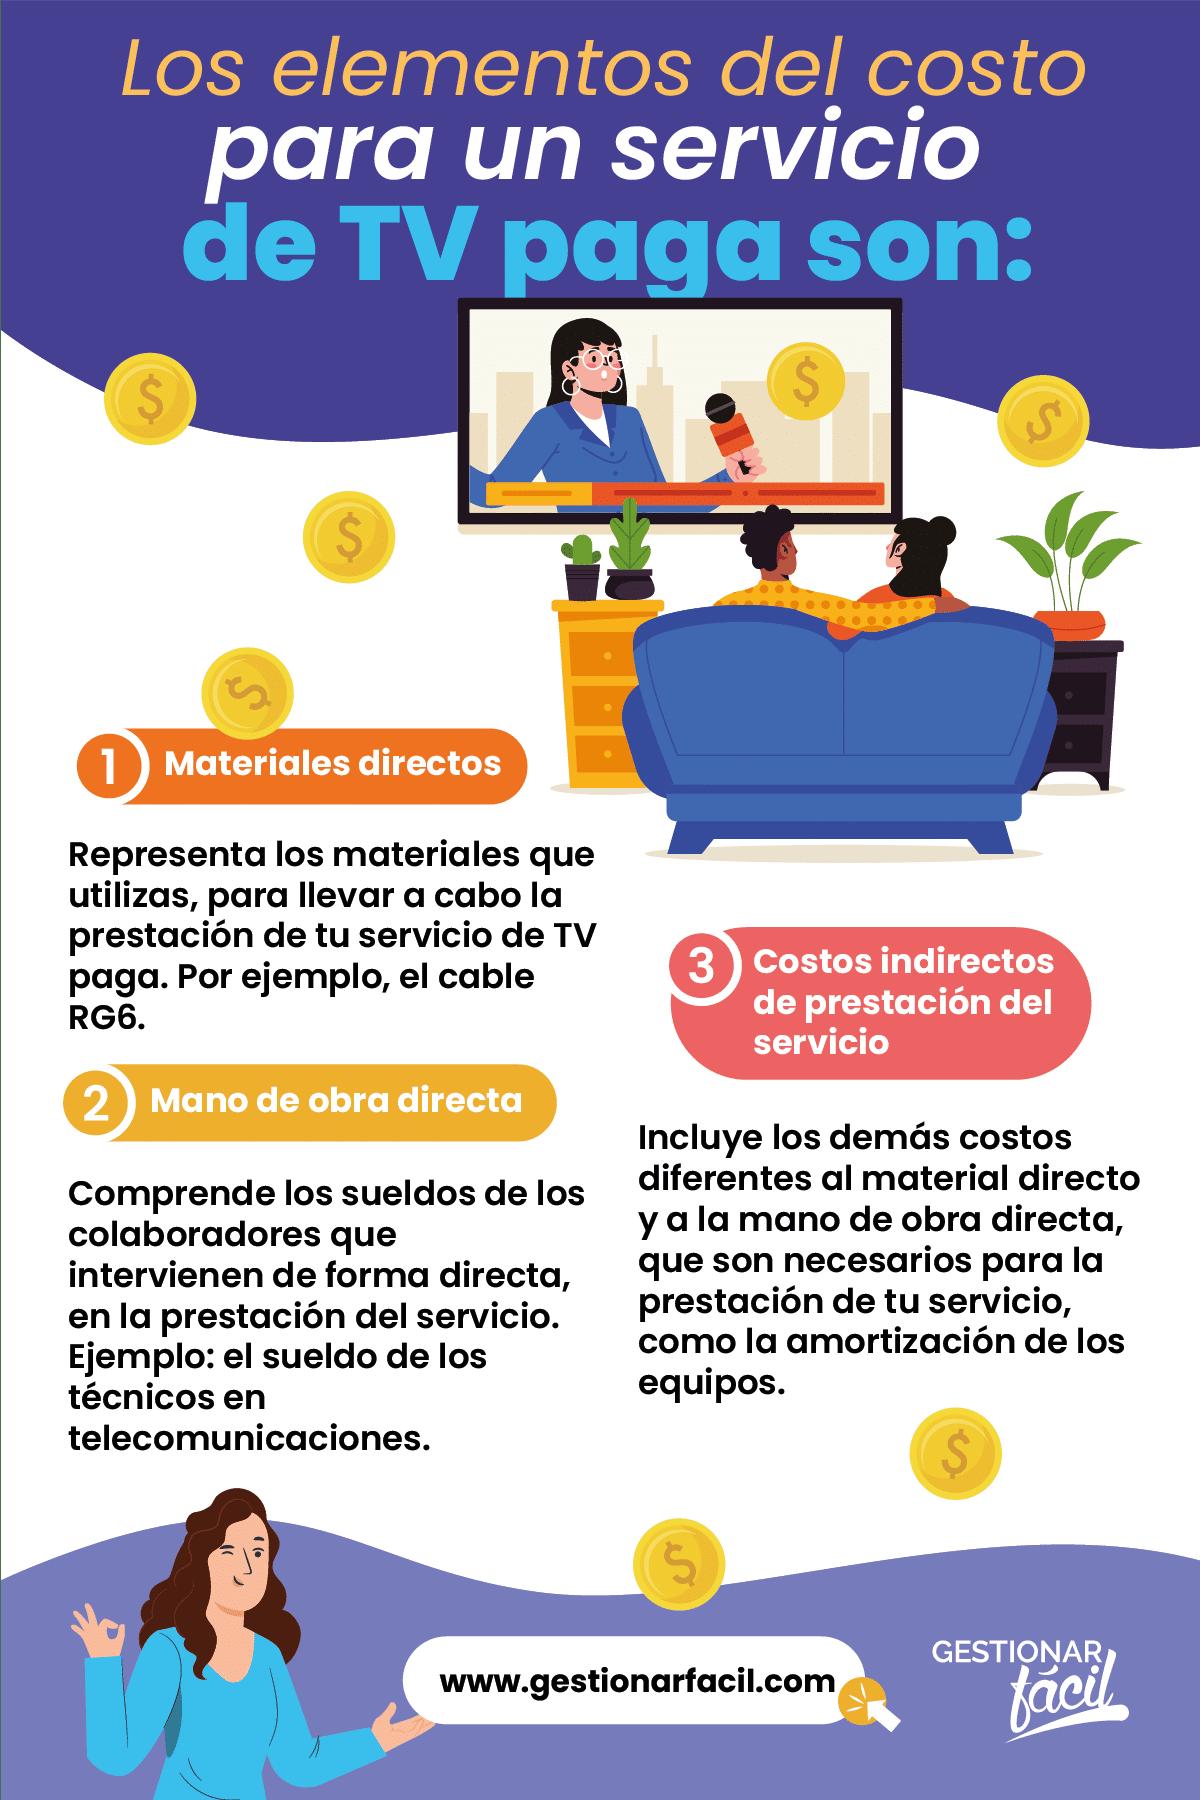 Elementos del costo para un servicio de TV paga.